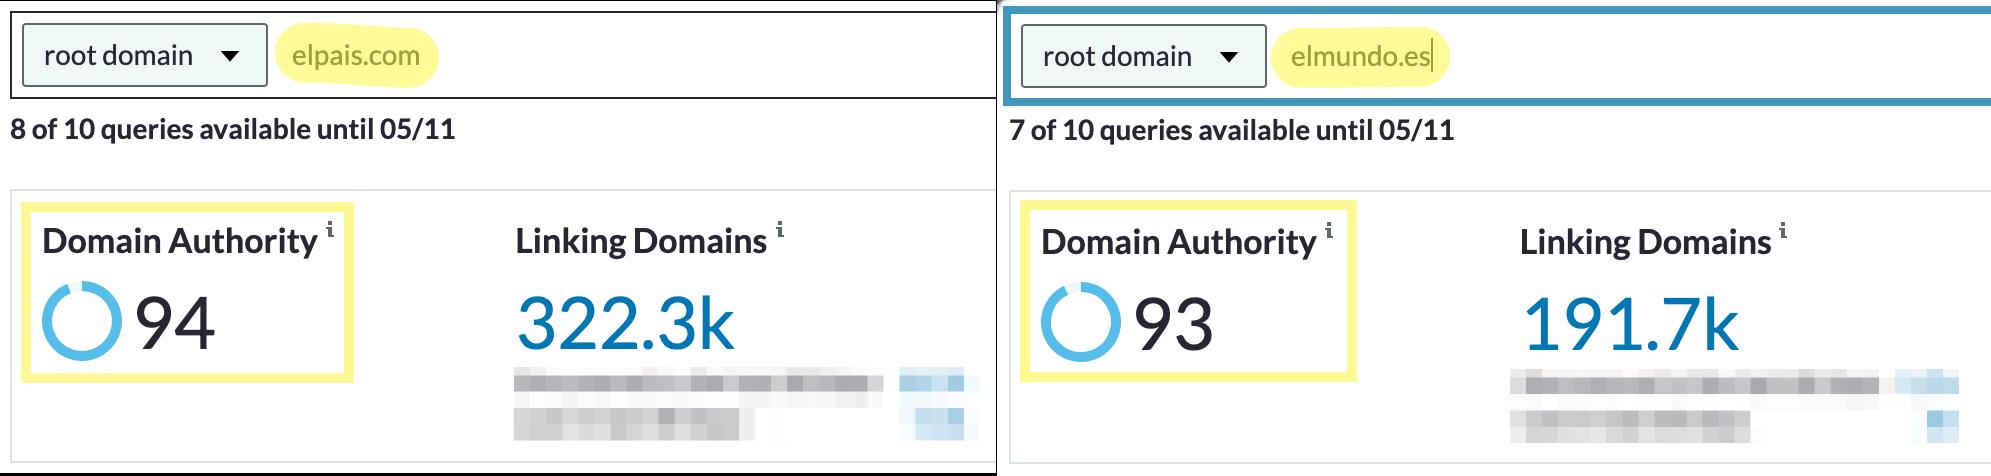 Domain comparison with Moz's Link Explorer